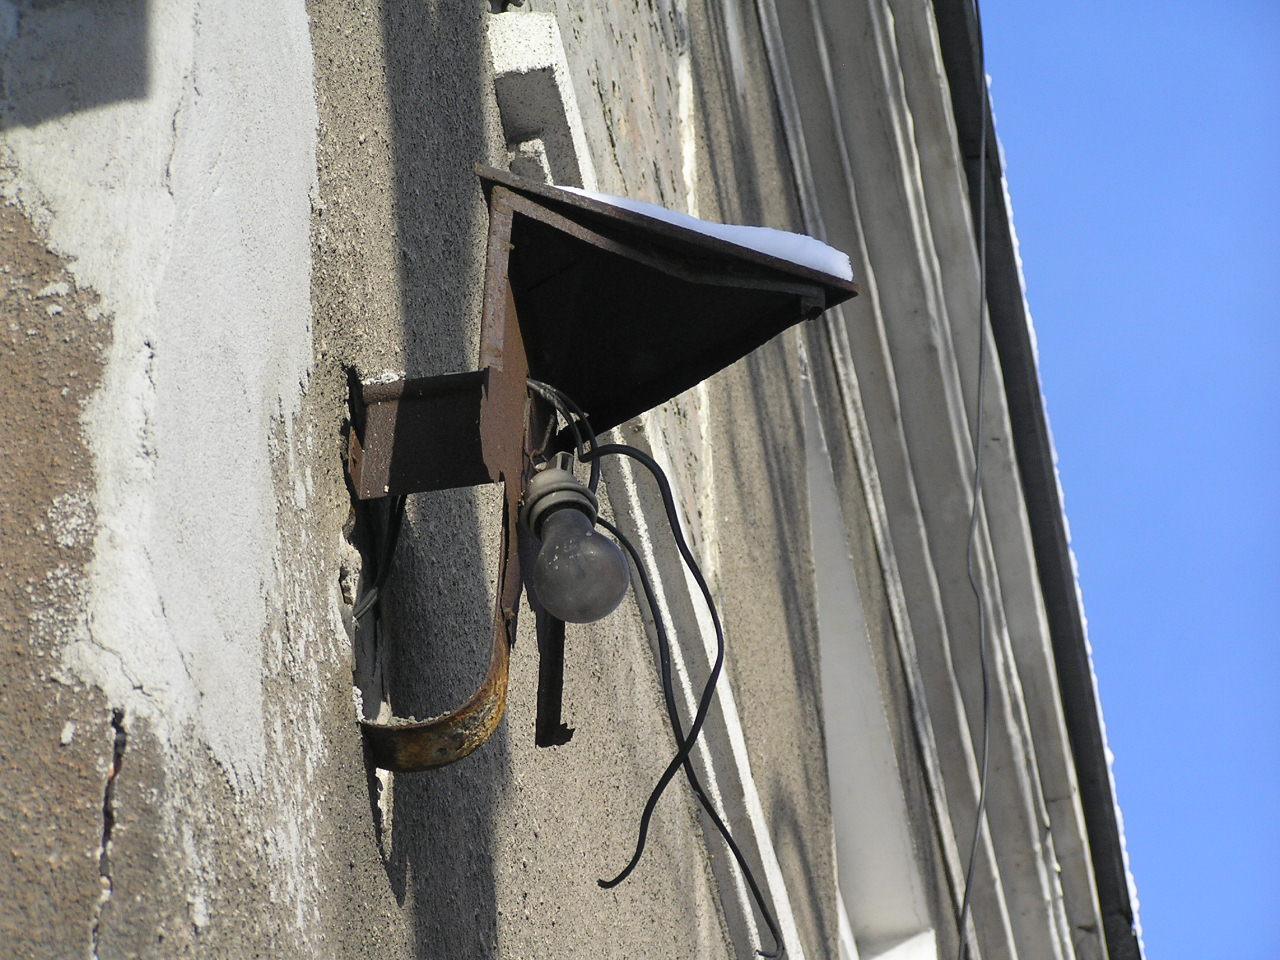 Latarenka adresowa przy ulicy Kawczej 49 na Grochowie